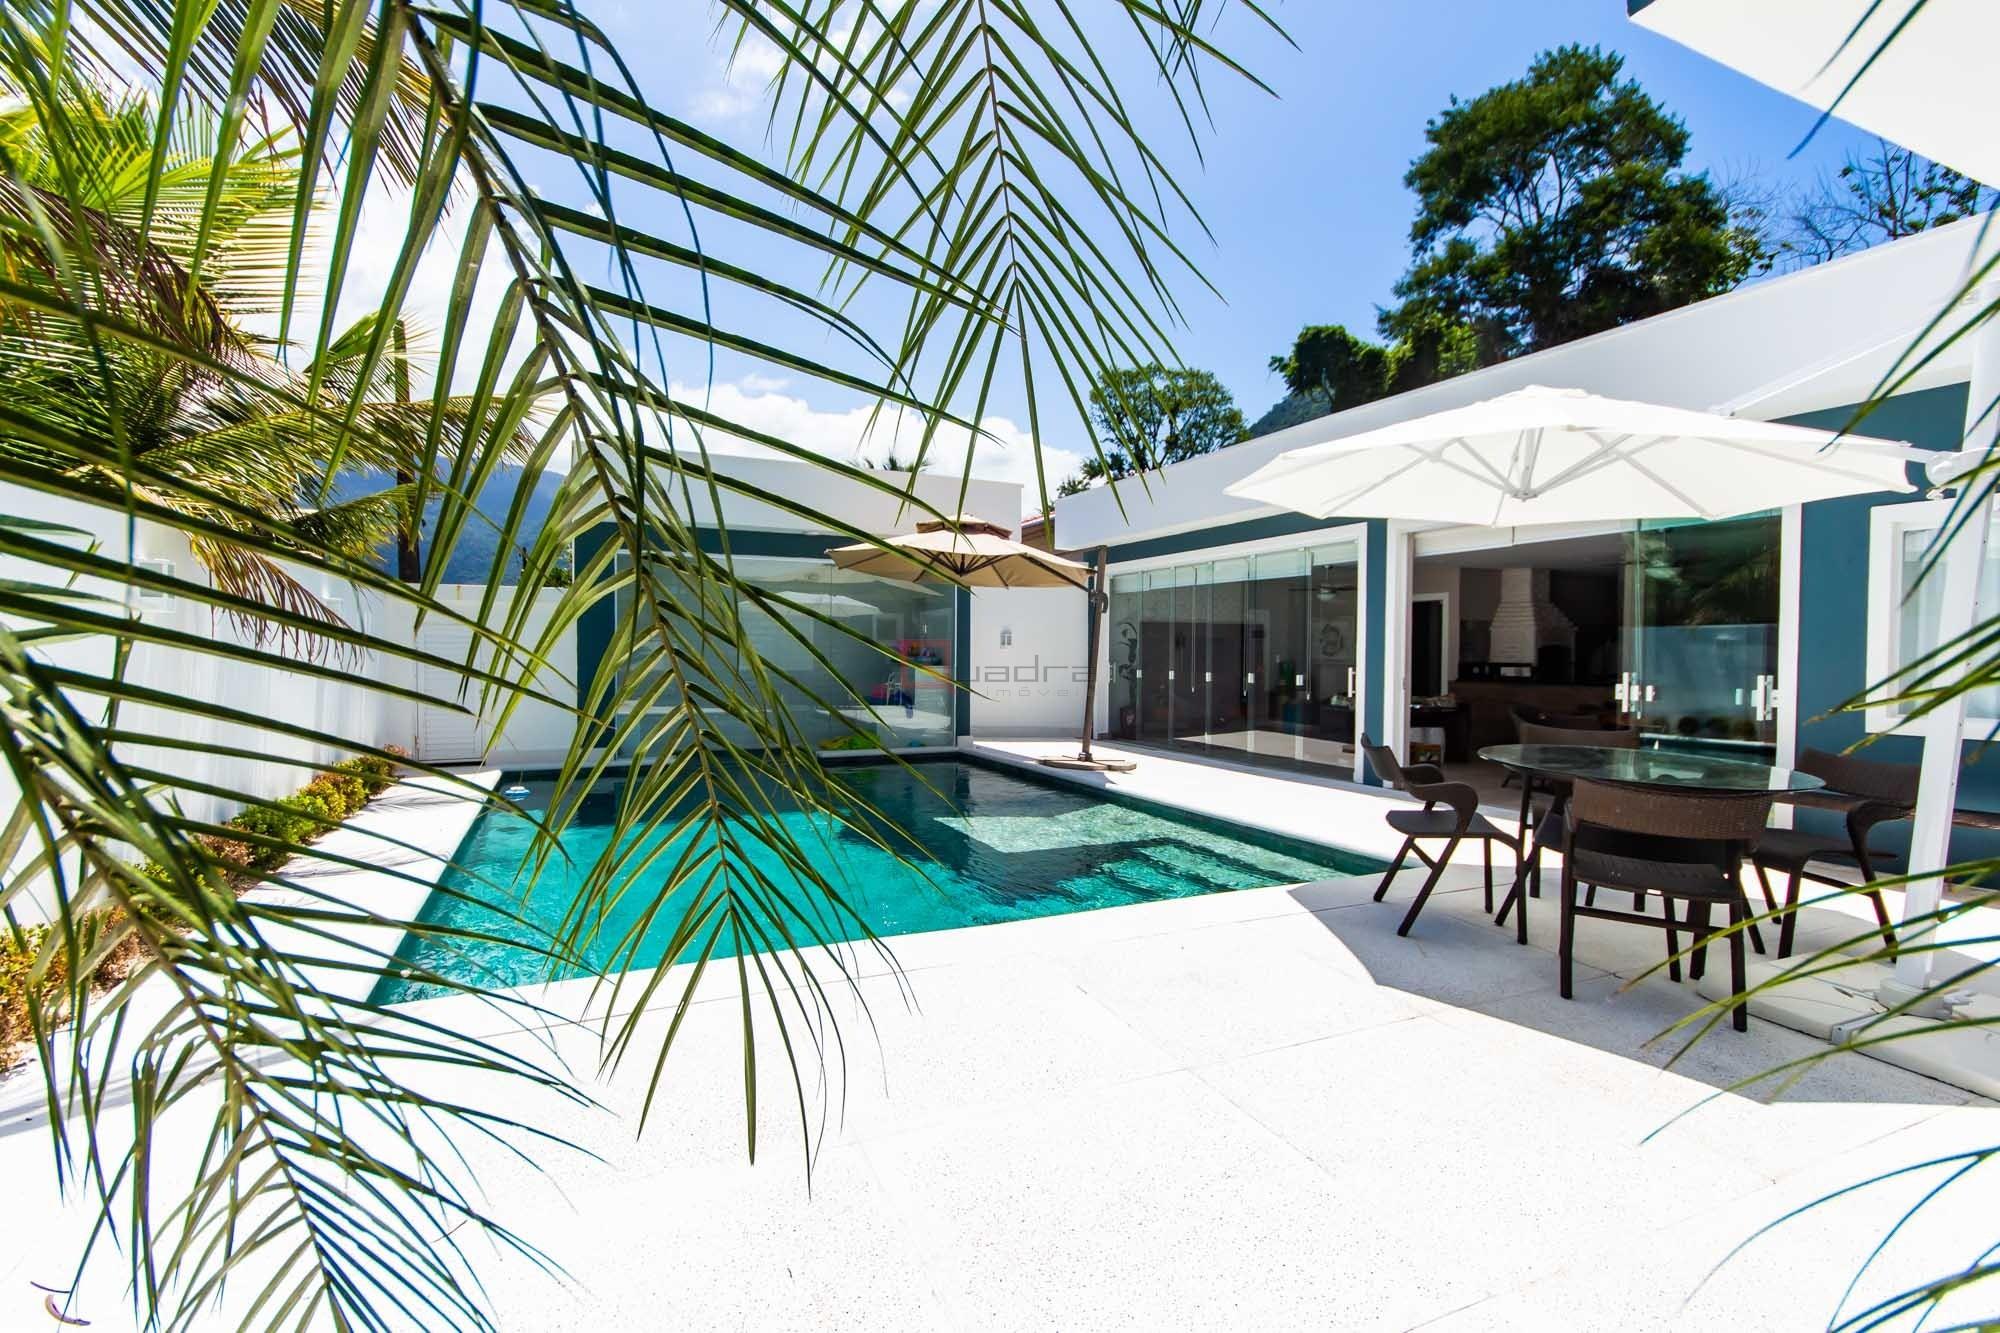 Casa com 4 dormitórios (3 suítes) à venda em Caraguatatuba, no bairro Mar Verde